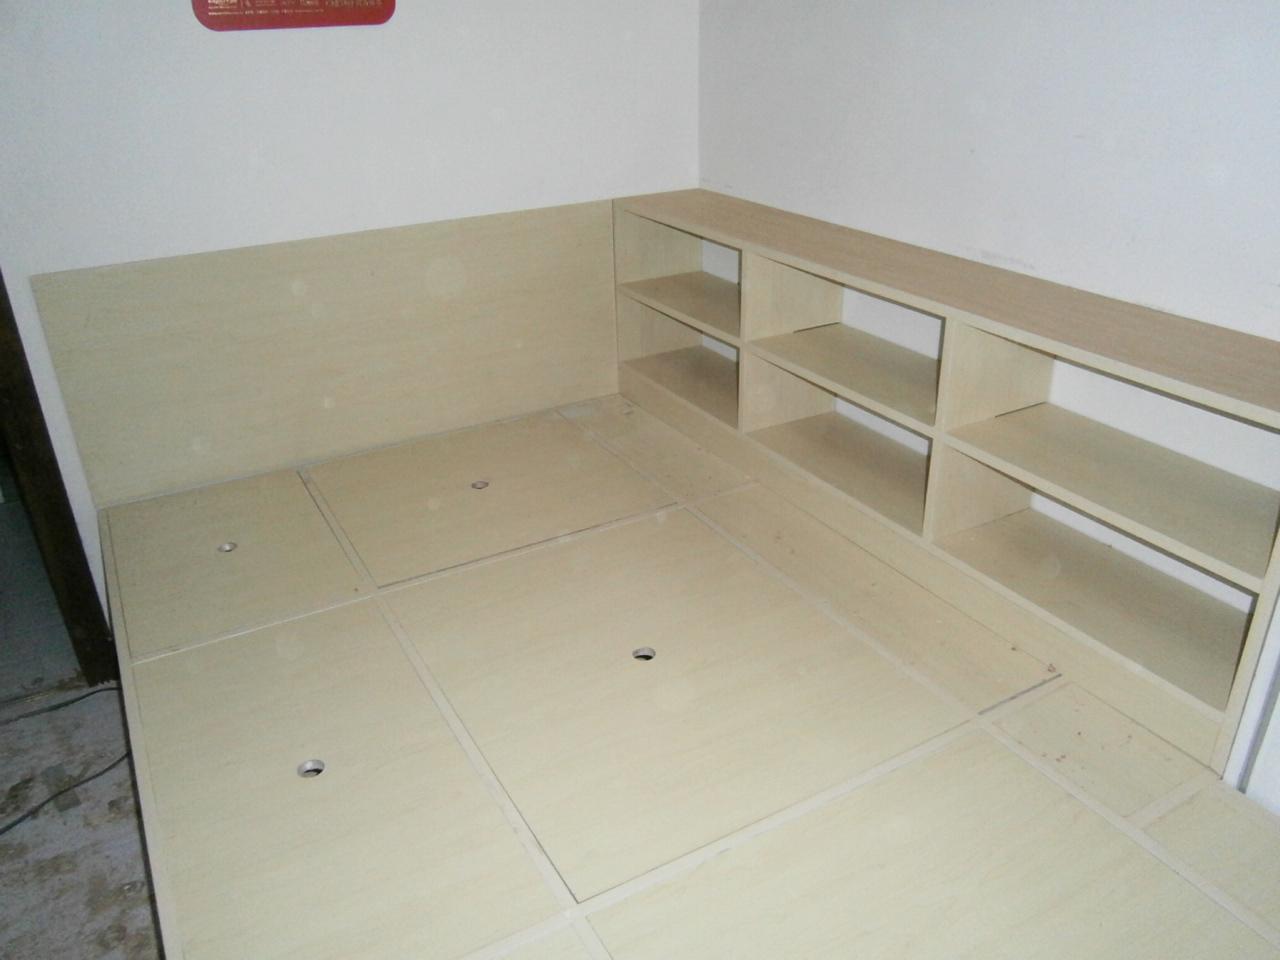 木工做的欧式桌子效果图